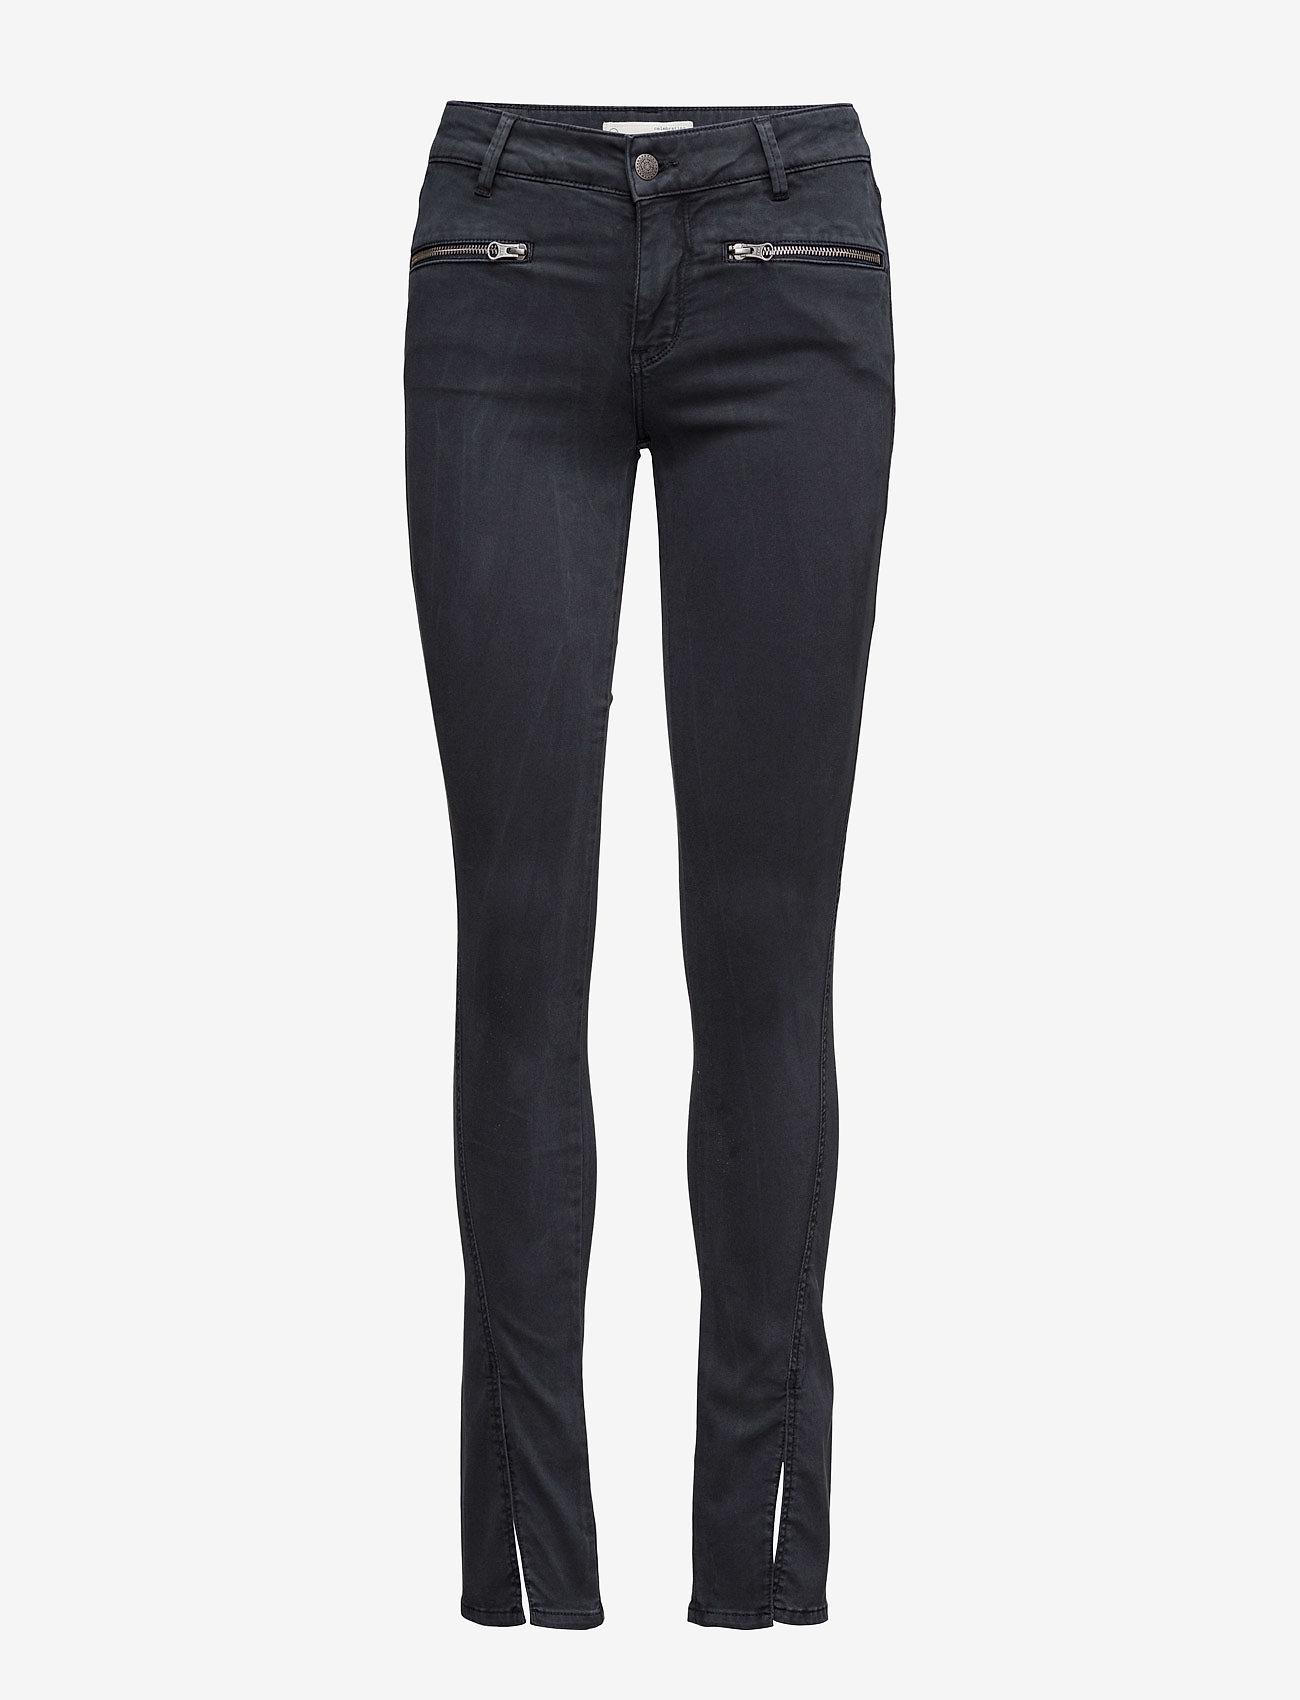 ODD MOLLY - leg-endary slits jeans - jeans skinny - blue black - 0